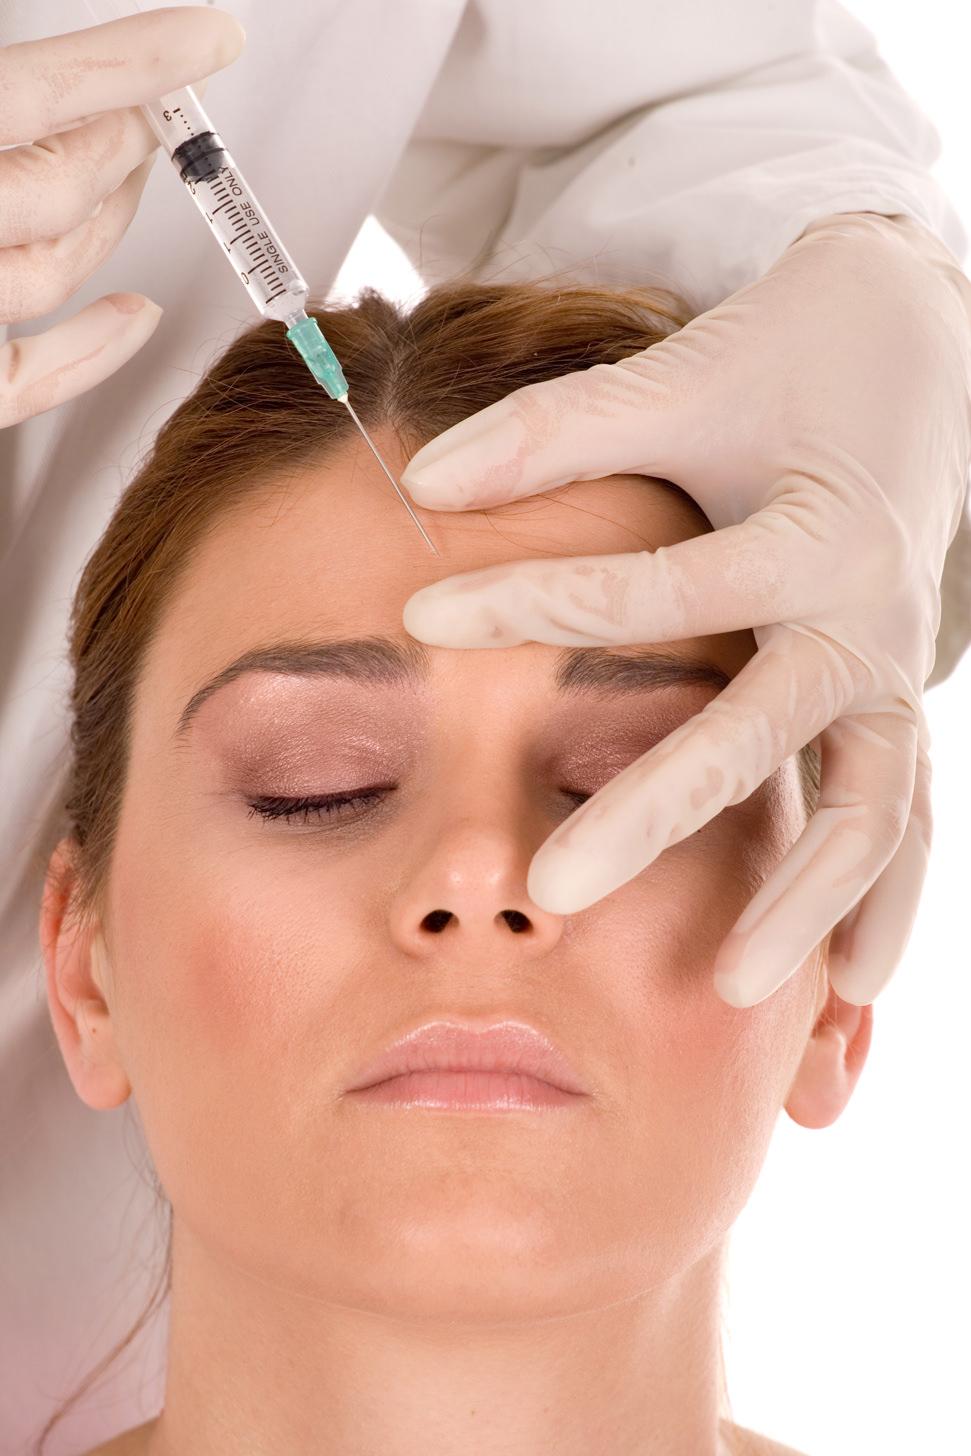 процедура для лица мезотерапия